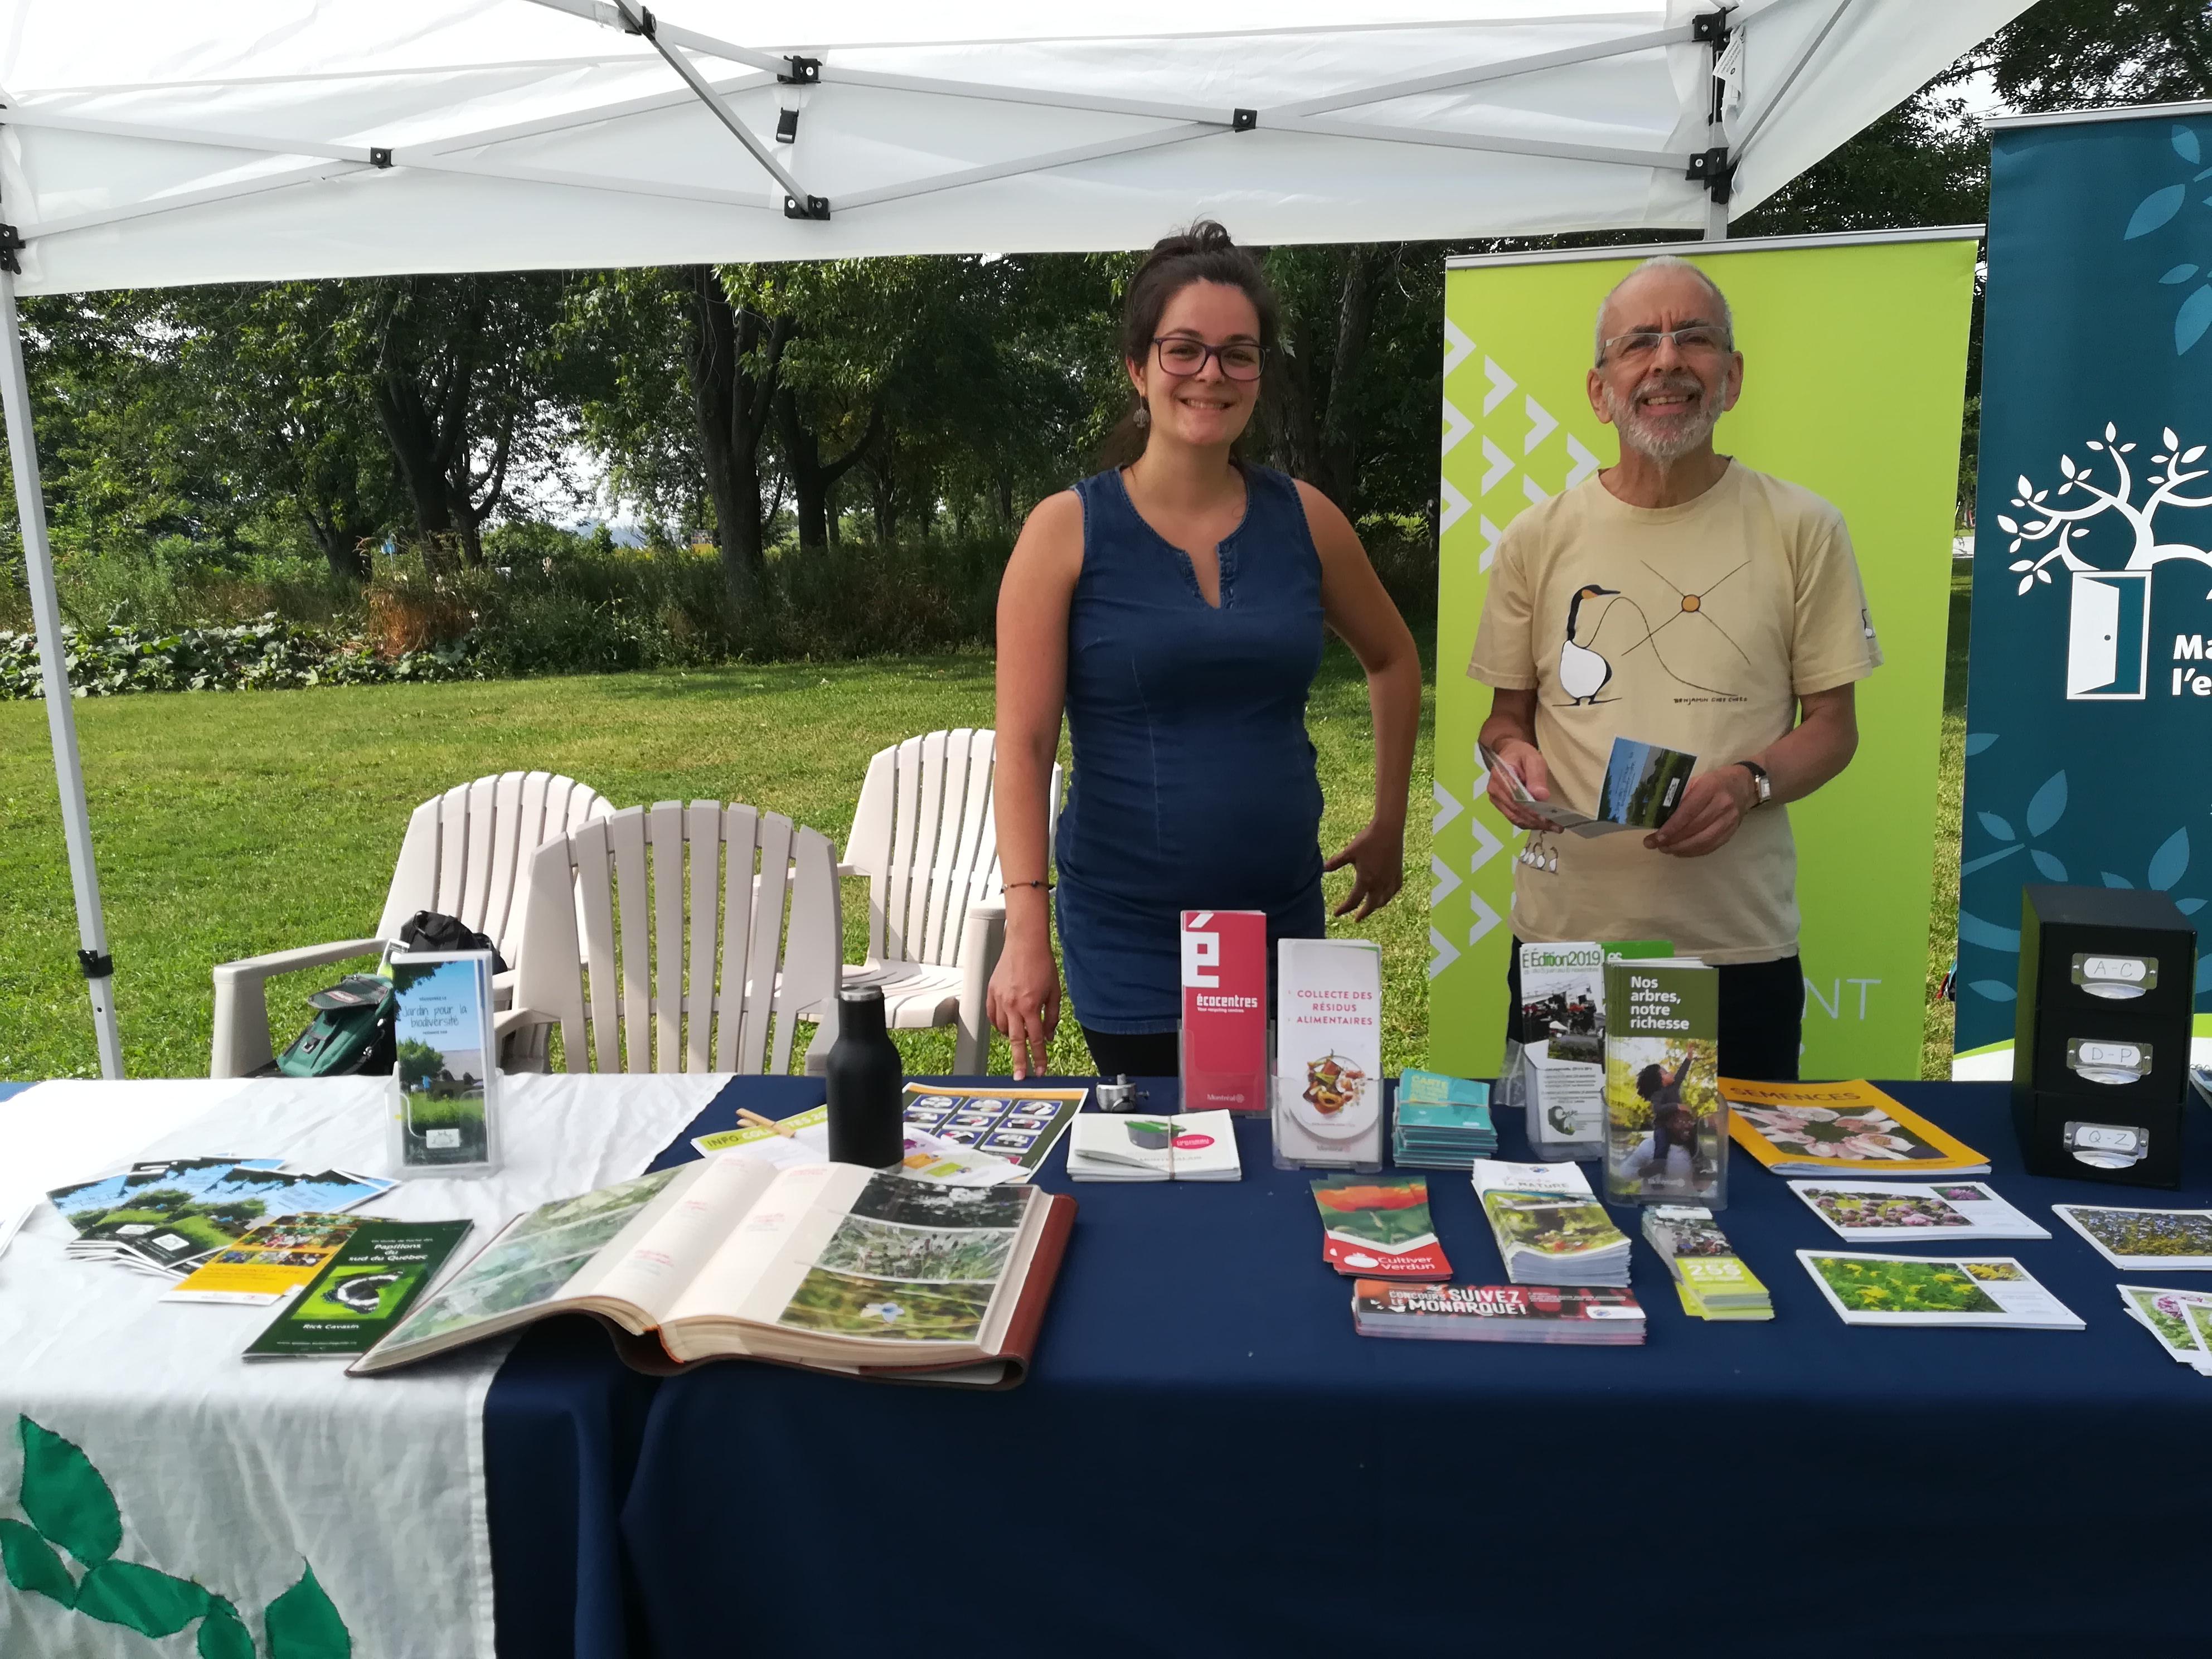 Partons à la découverte des plantes sauvages lors de Portageons la fête !